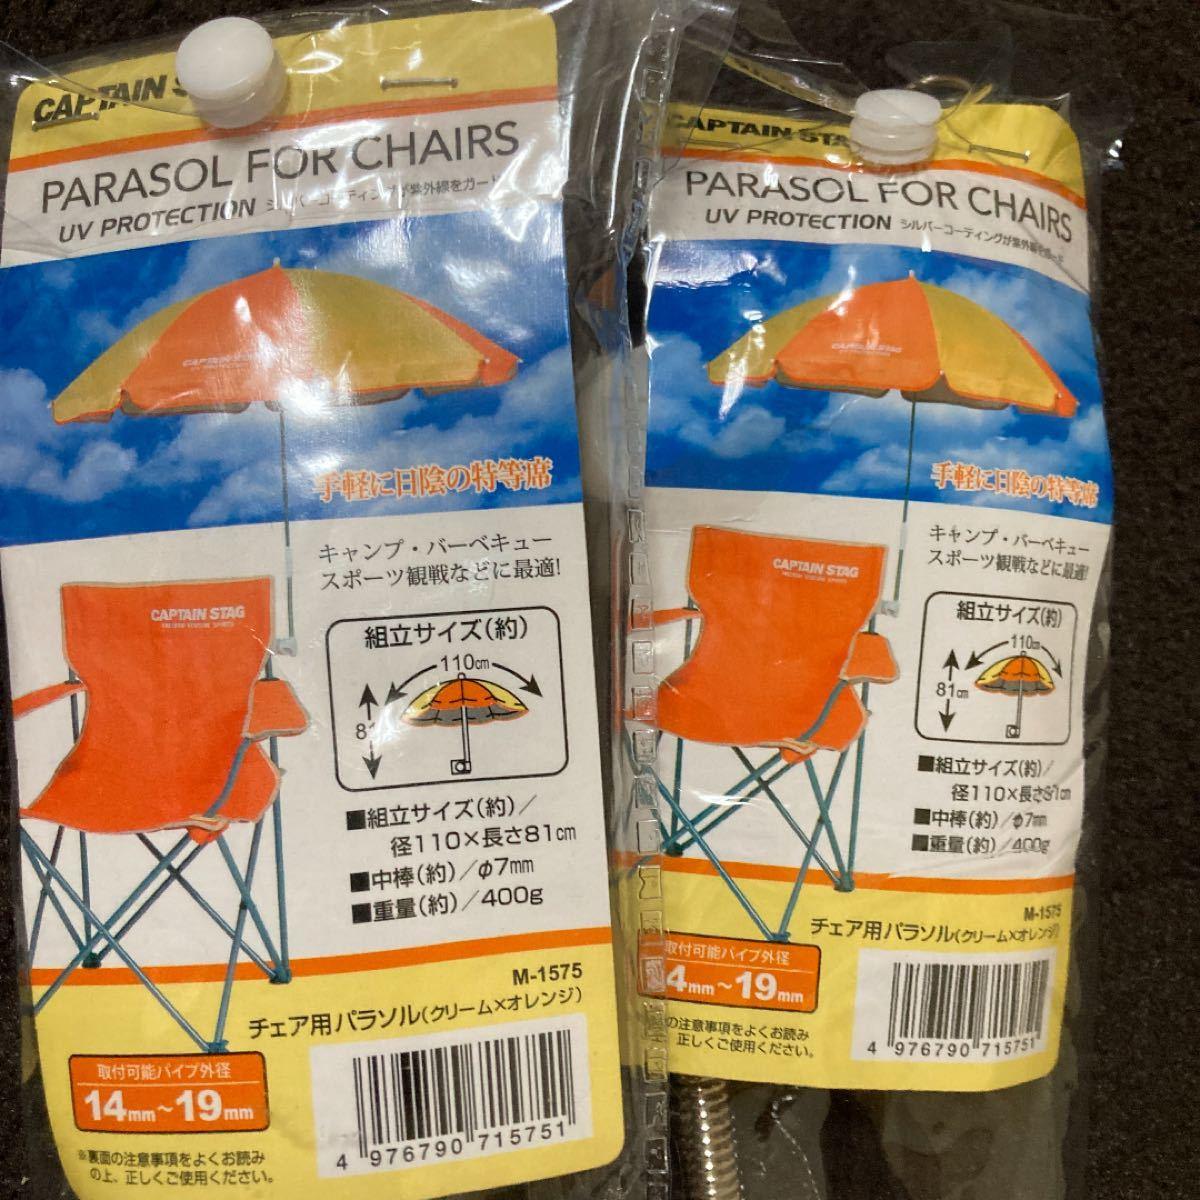 アウトドアチェアパラソル 2本 キャプテンスタッグ チェアーパラソル パラソル  アウトドアチェア